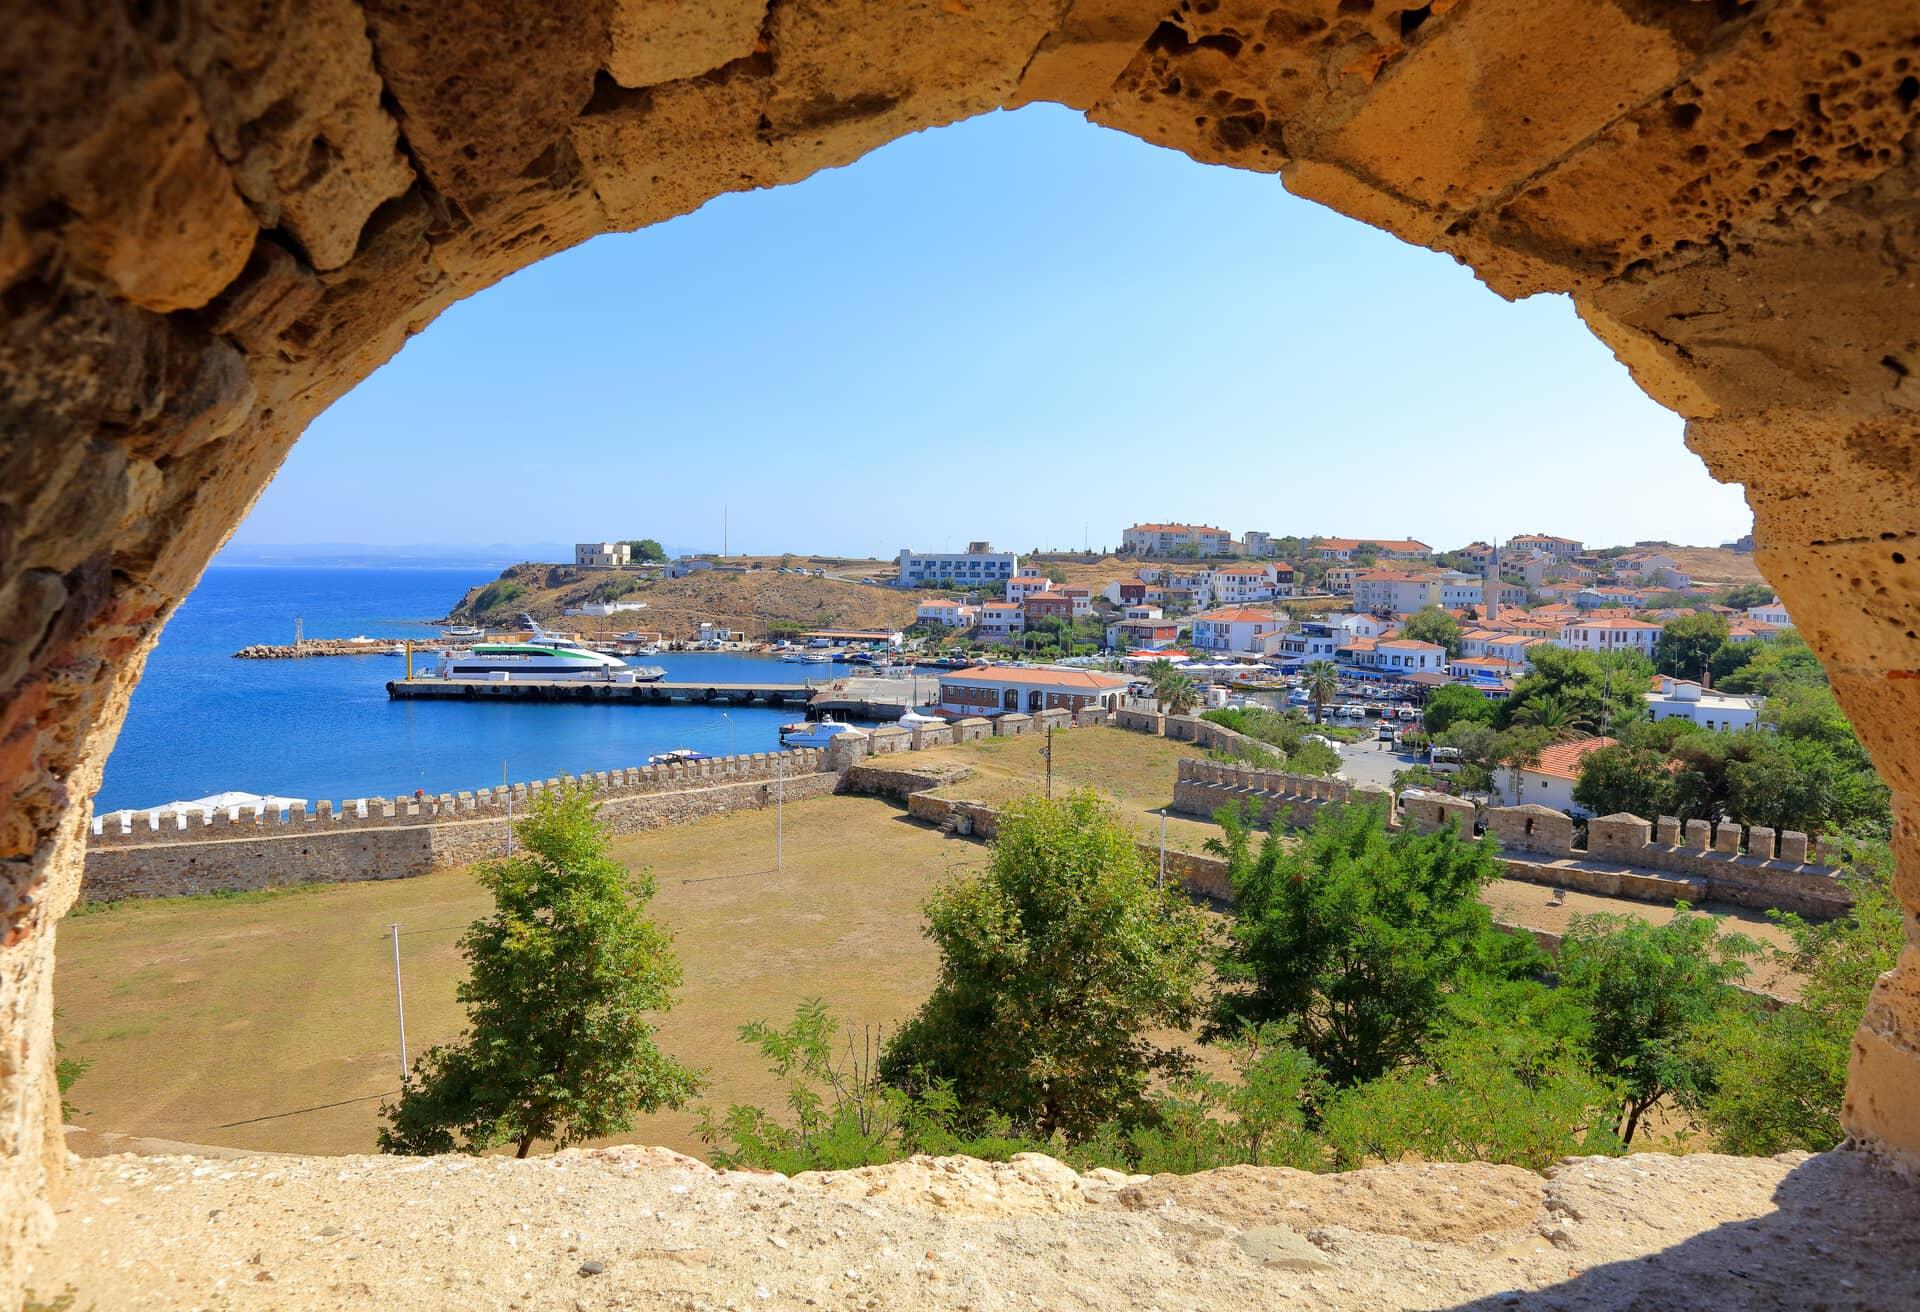 Utsikt från slottet Tenedo på Bozcaada, Turkiet.